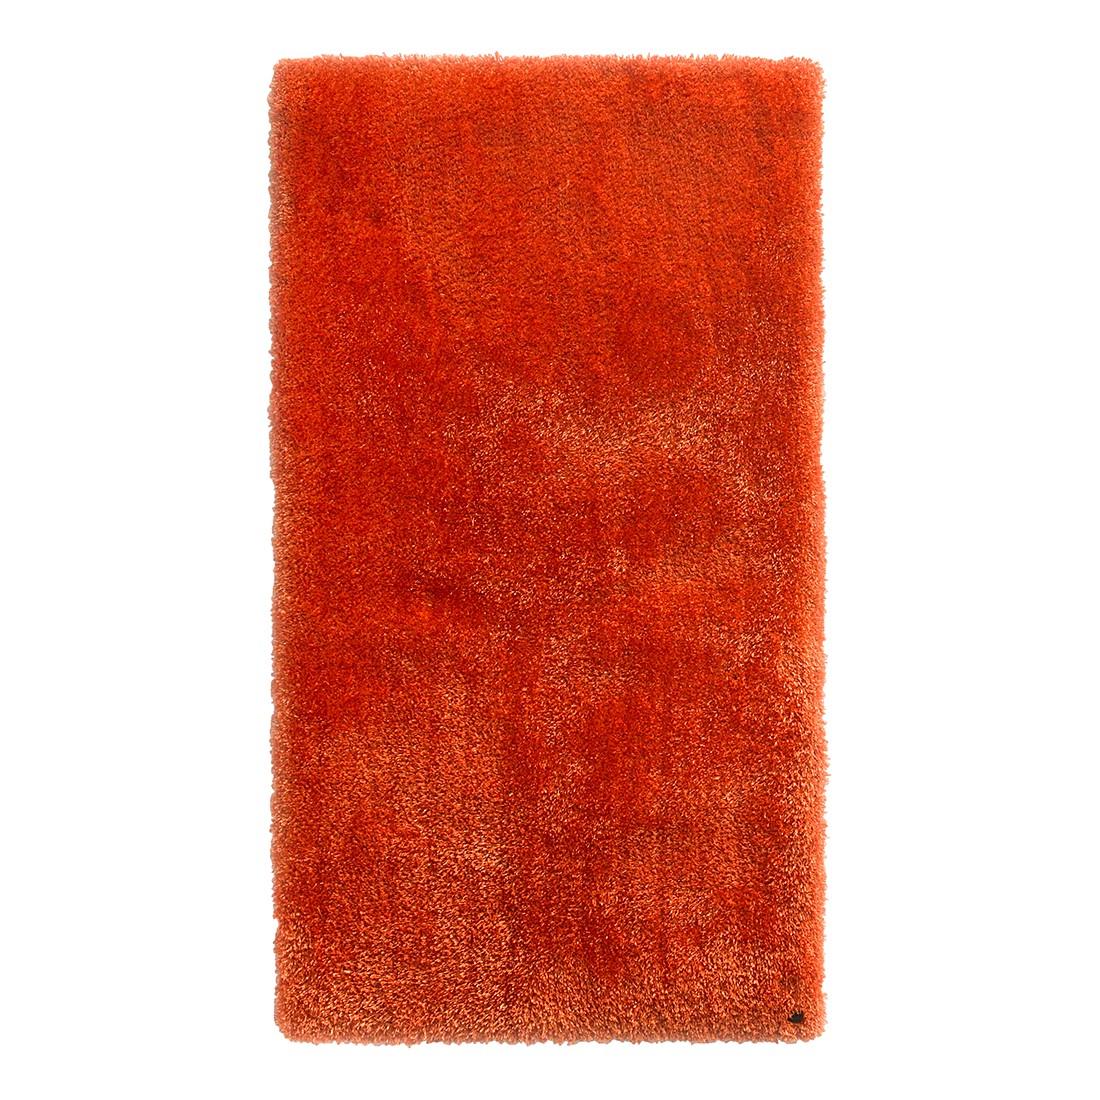 Tapijt Soft Square - oranje - maat: 140x200cm, Tom Tailor